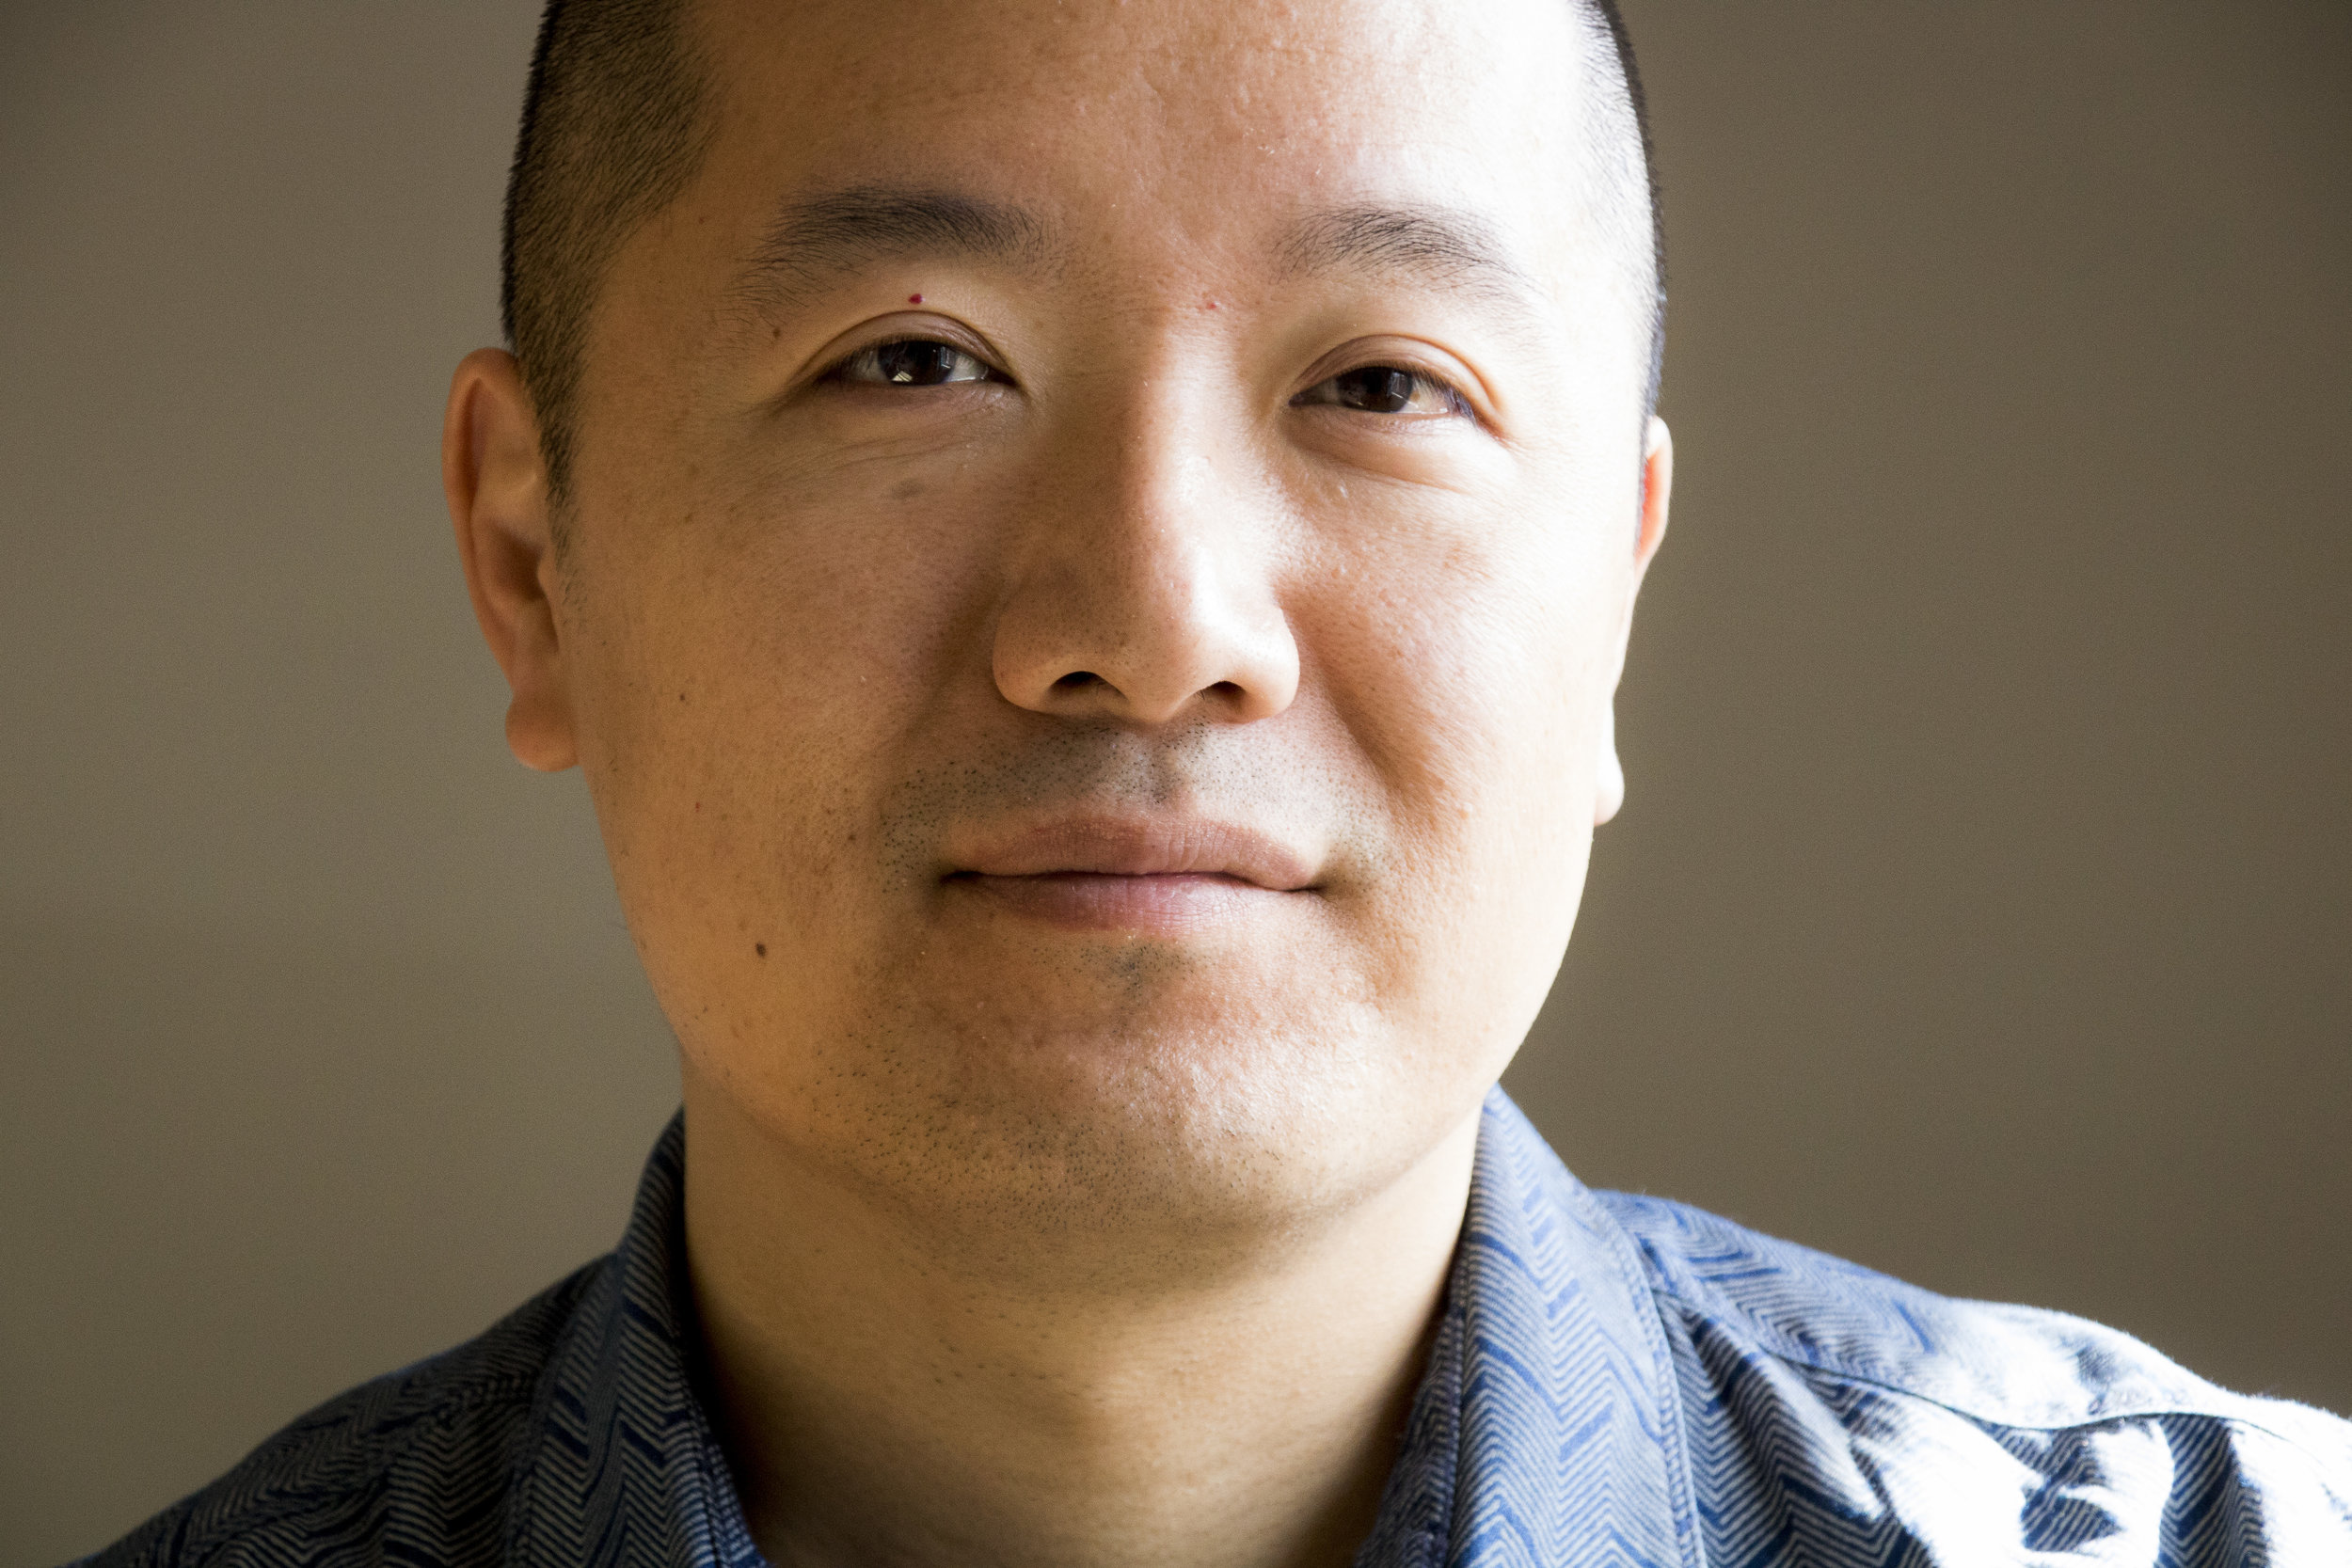 IMG_7661 - Kenji Liu.JPG